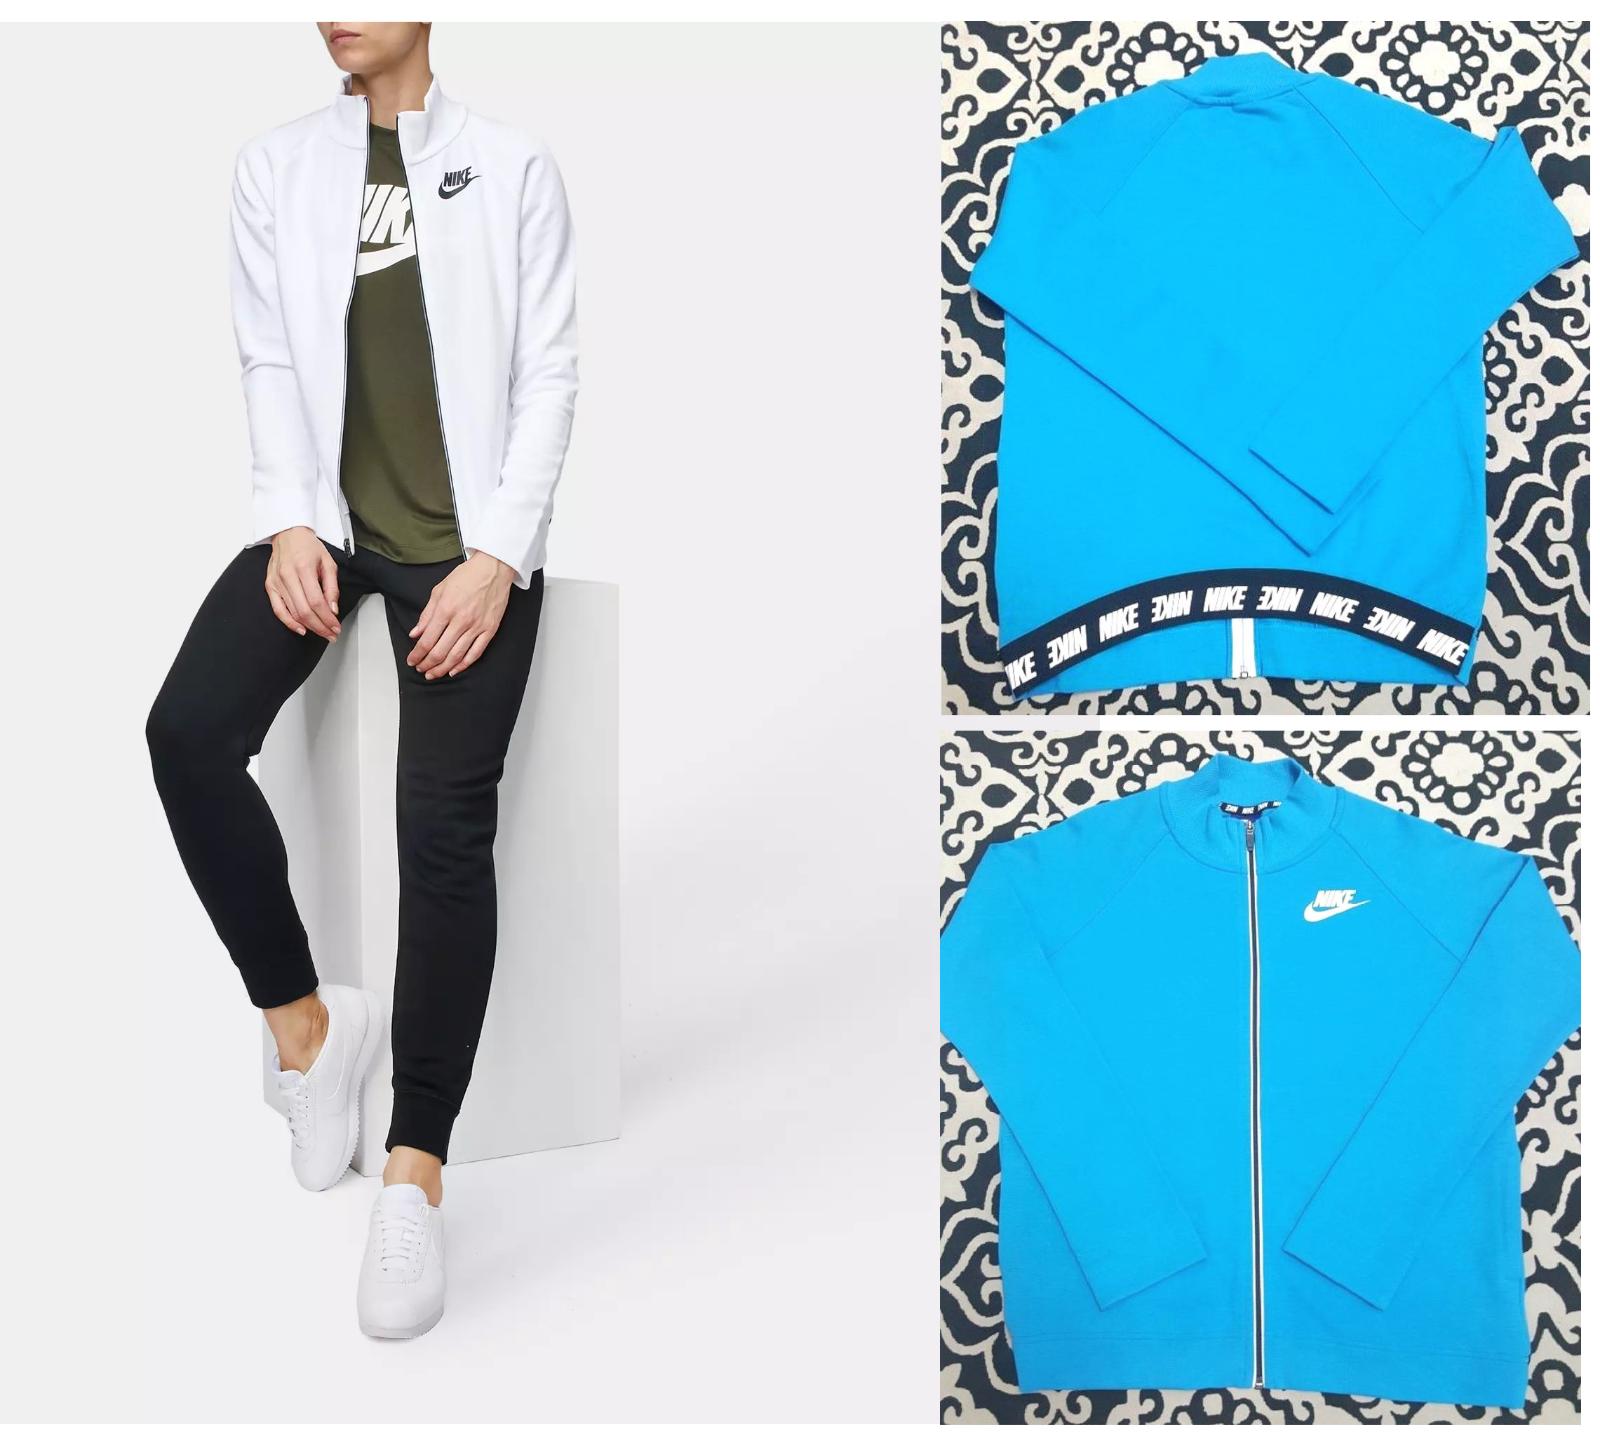 ec4613166b26 Nike Women s Sportswear Advance 15 Jacket 857414 Turquoise Black Sz ...